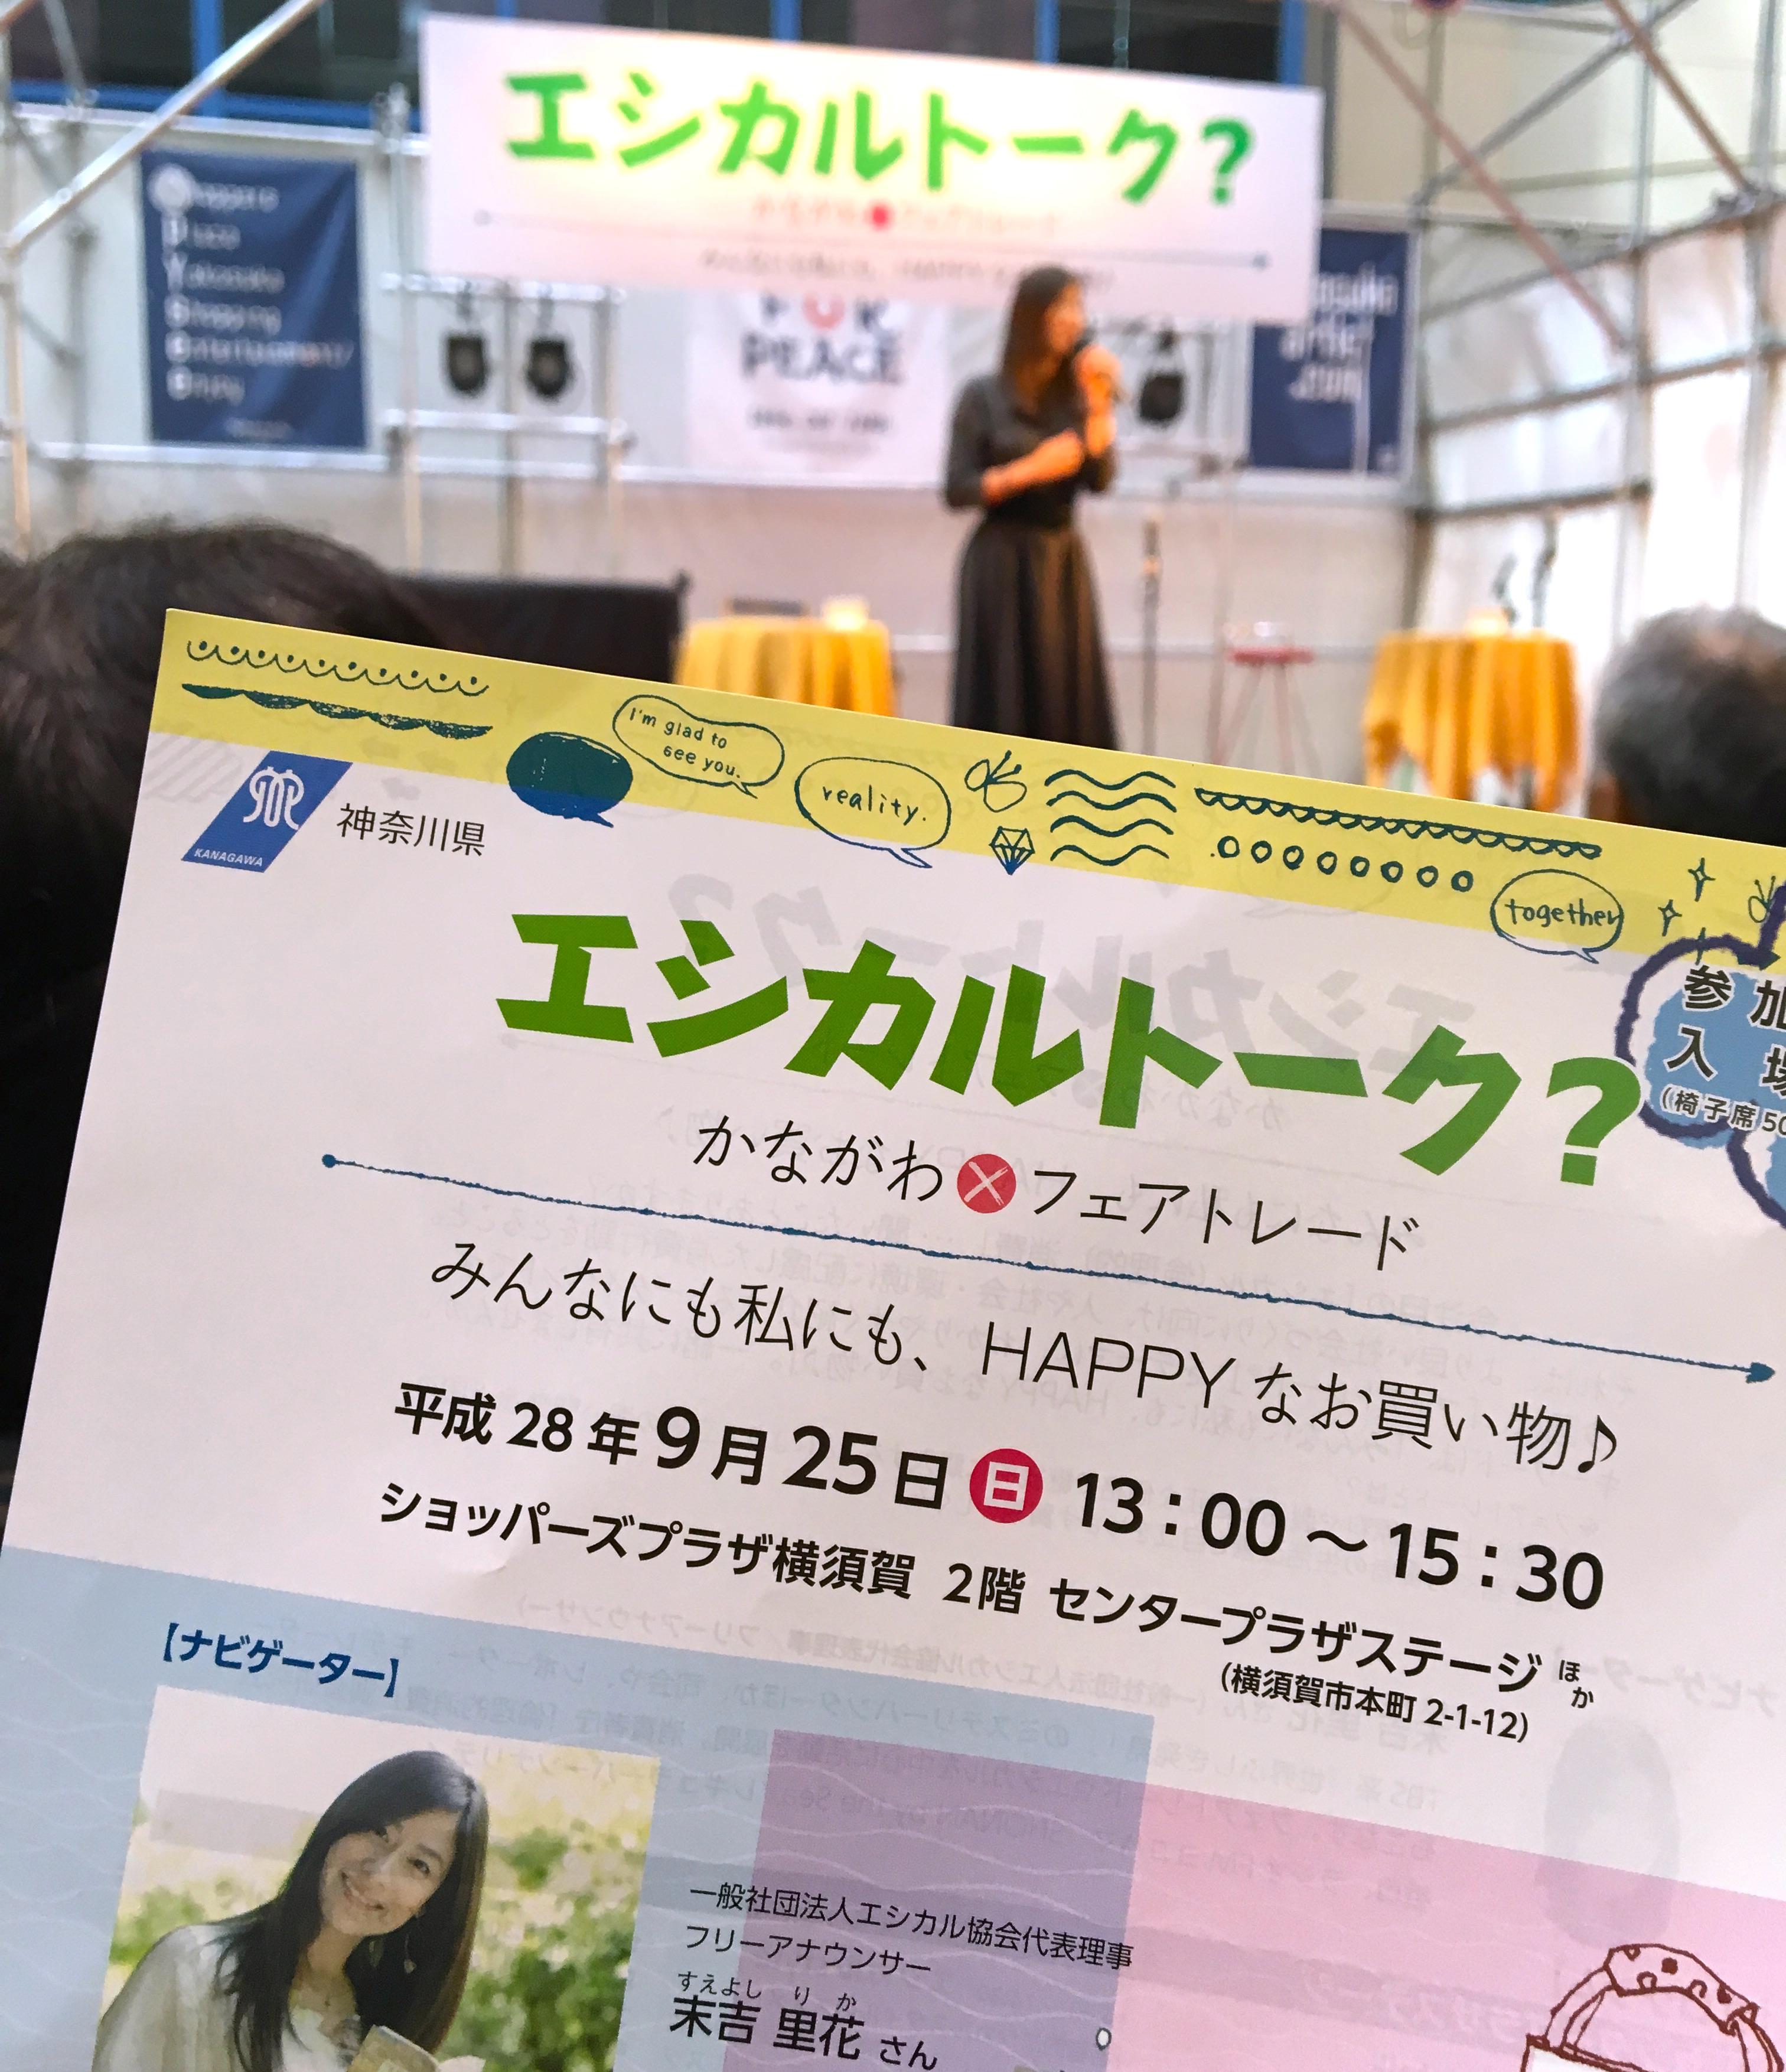 横須賀でエシカルトークイベント〜逗子フェアトレードタウンのPRも